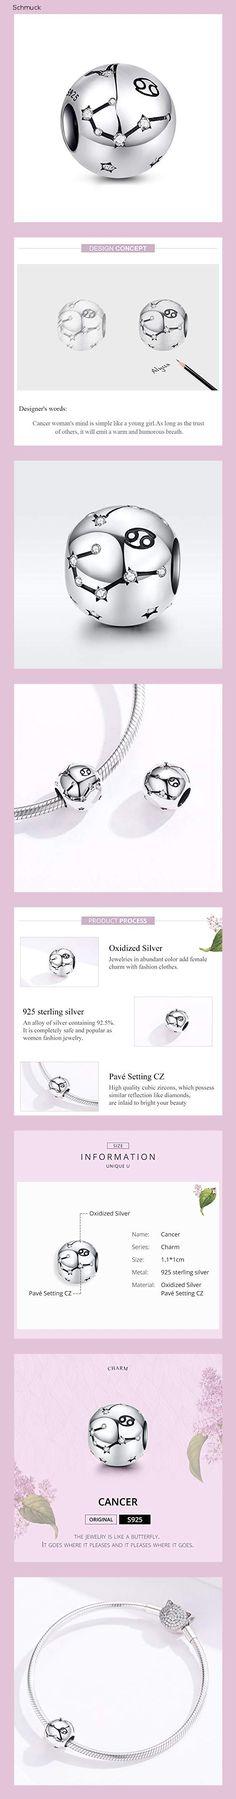 LaMenars Damen 12 Konstellationen Sternzeichen Stern Bead Charms 925 Sterling Silber Anhänger für Pandora, Chamilia & European Charm Armbänder & Halsketten (der Krebs: 6.22.-7.22) - 14hd